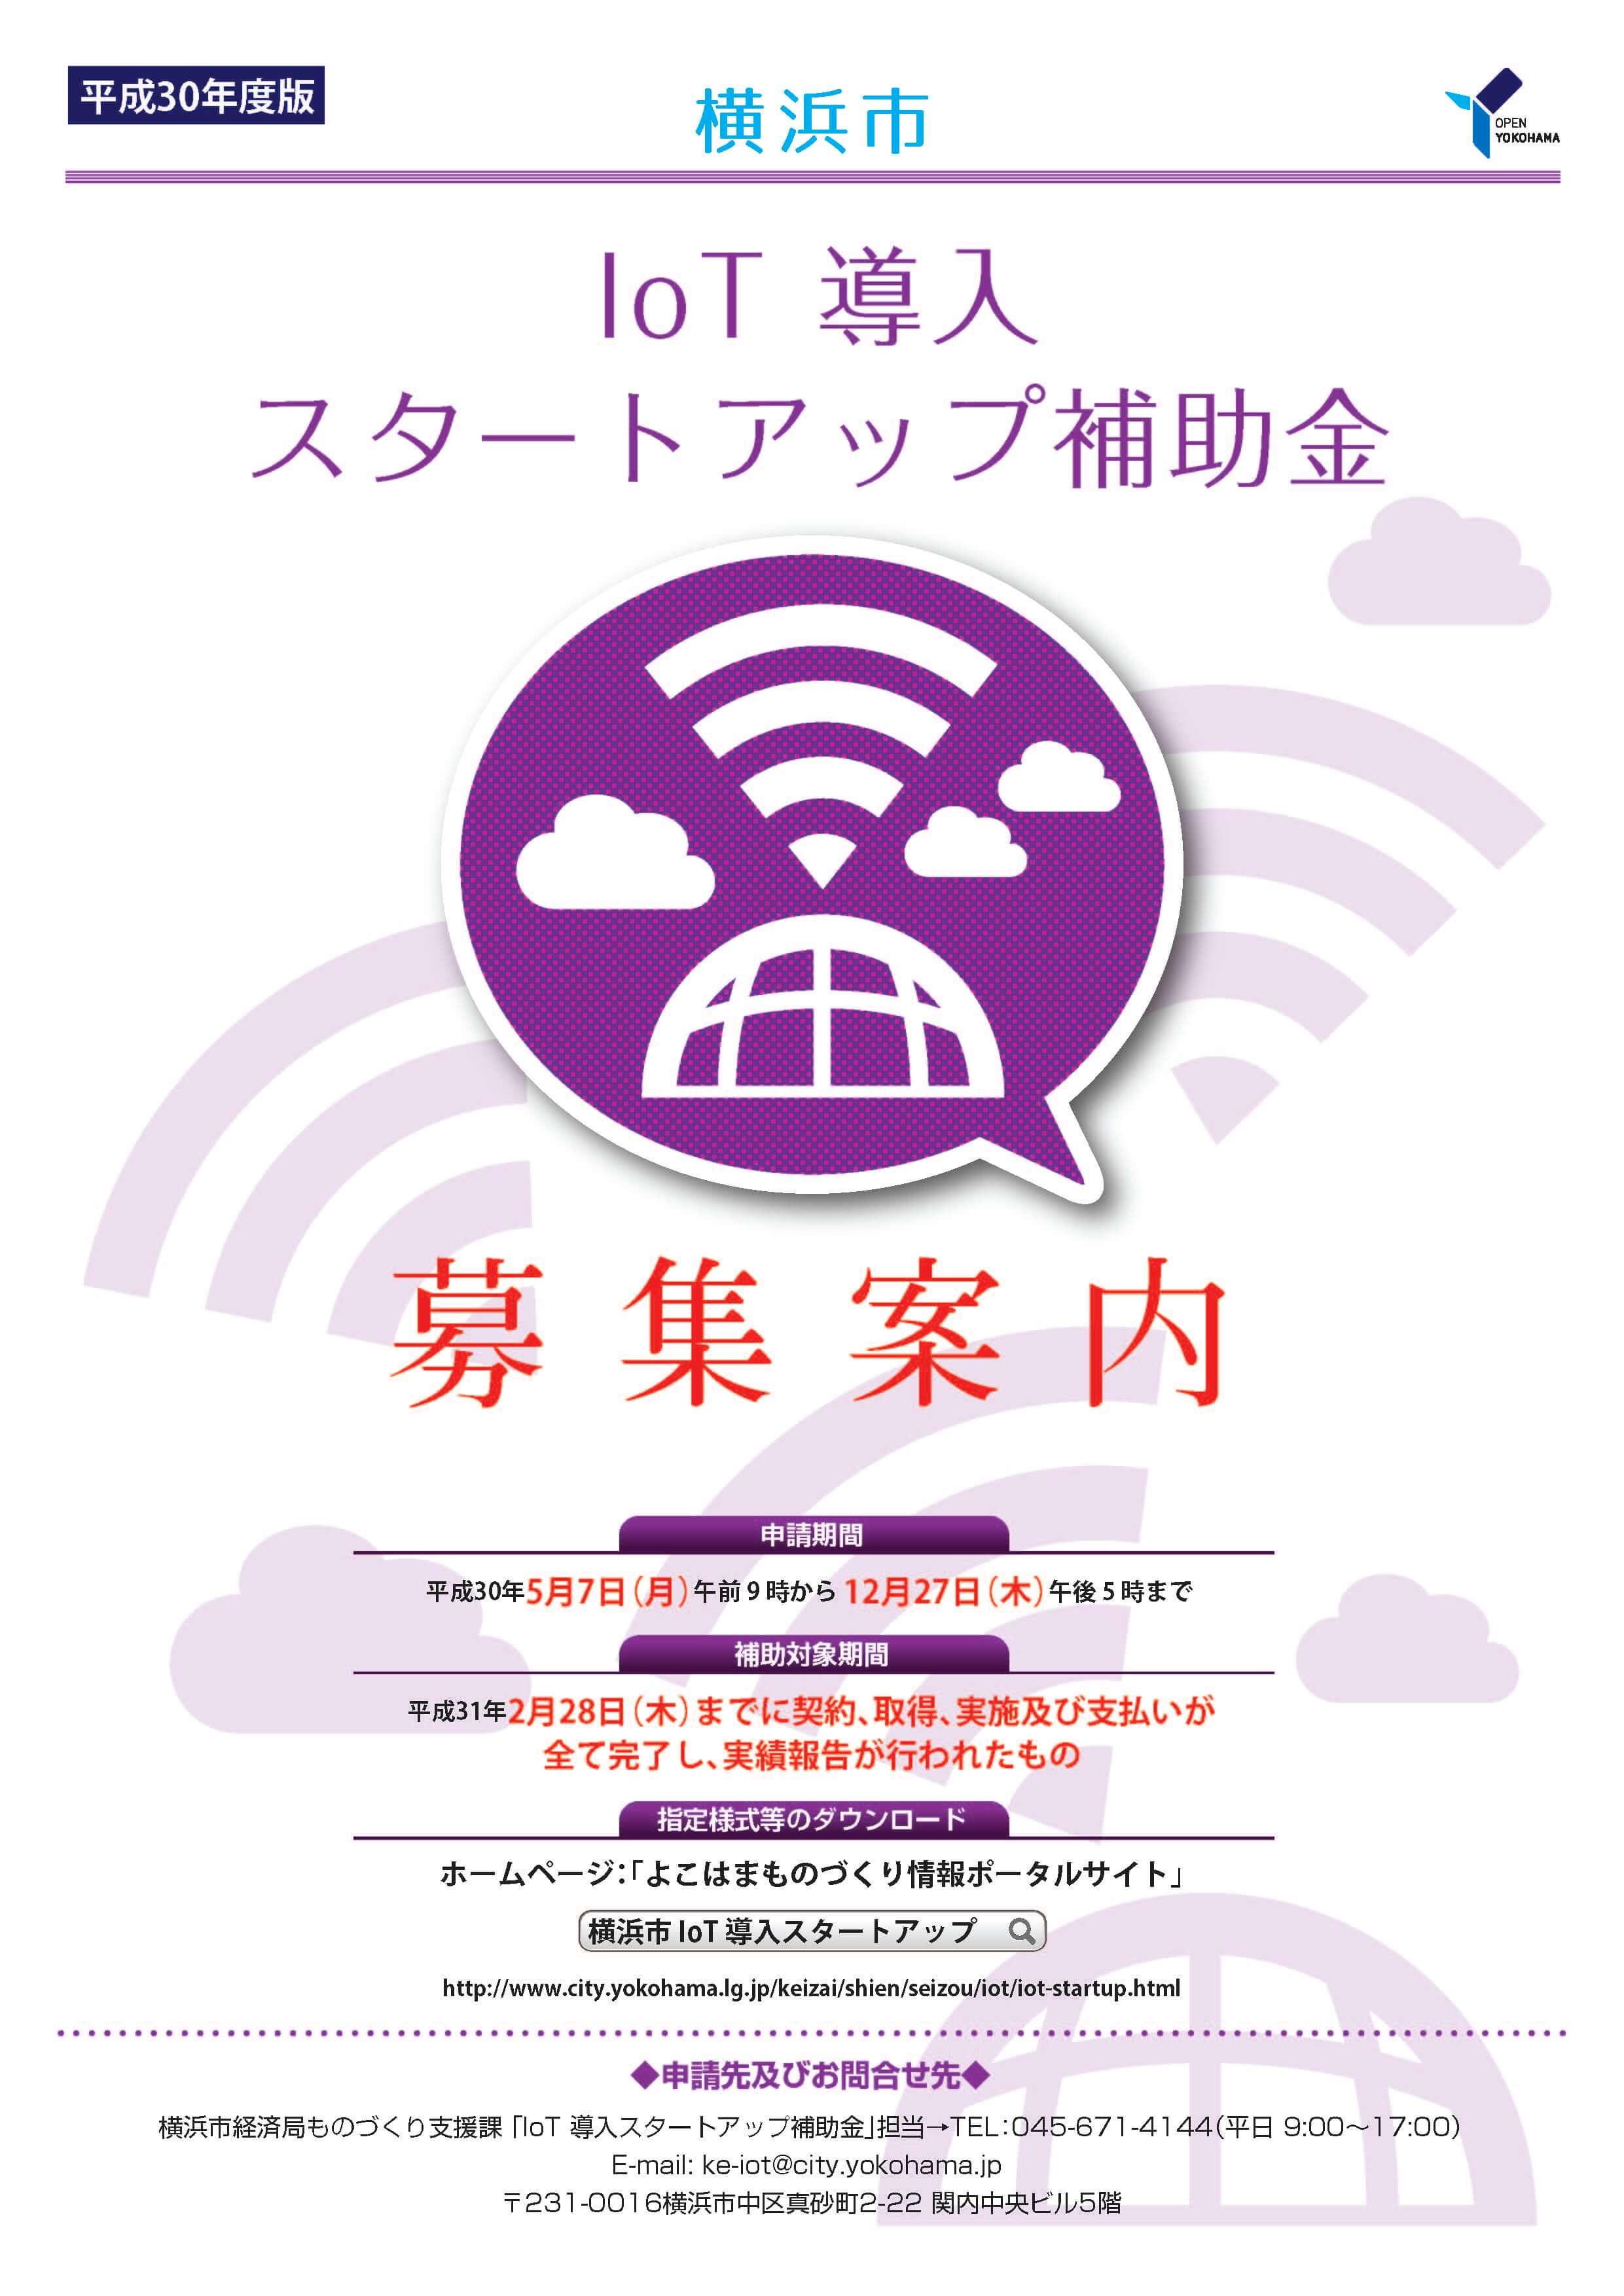 横浜市IoT導入スタートアップ補助制度ちらし